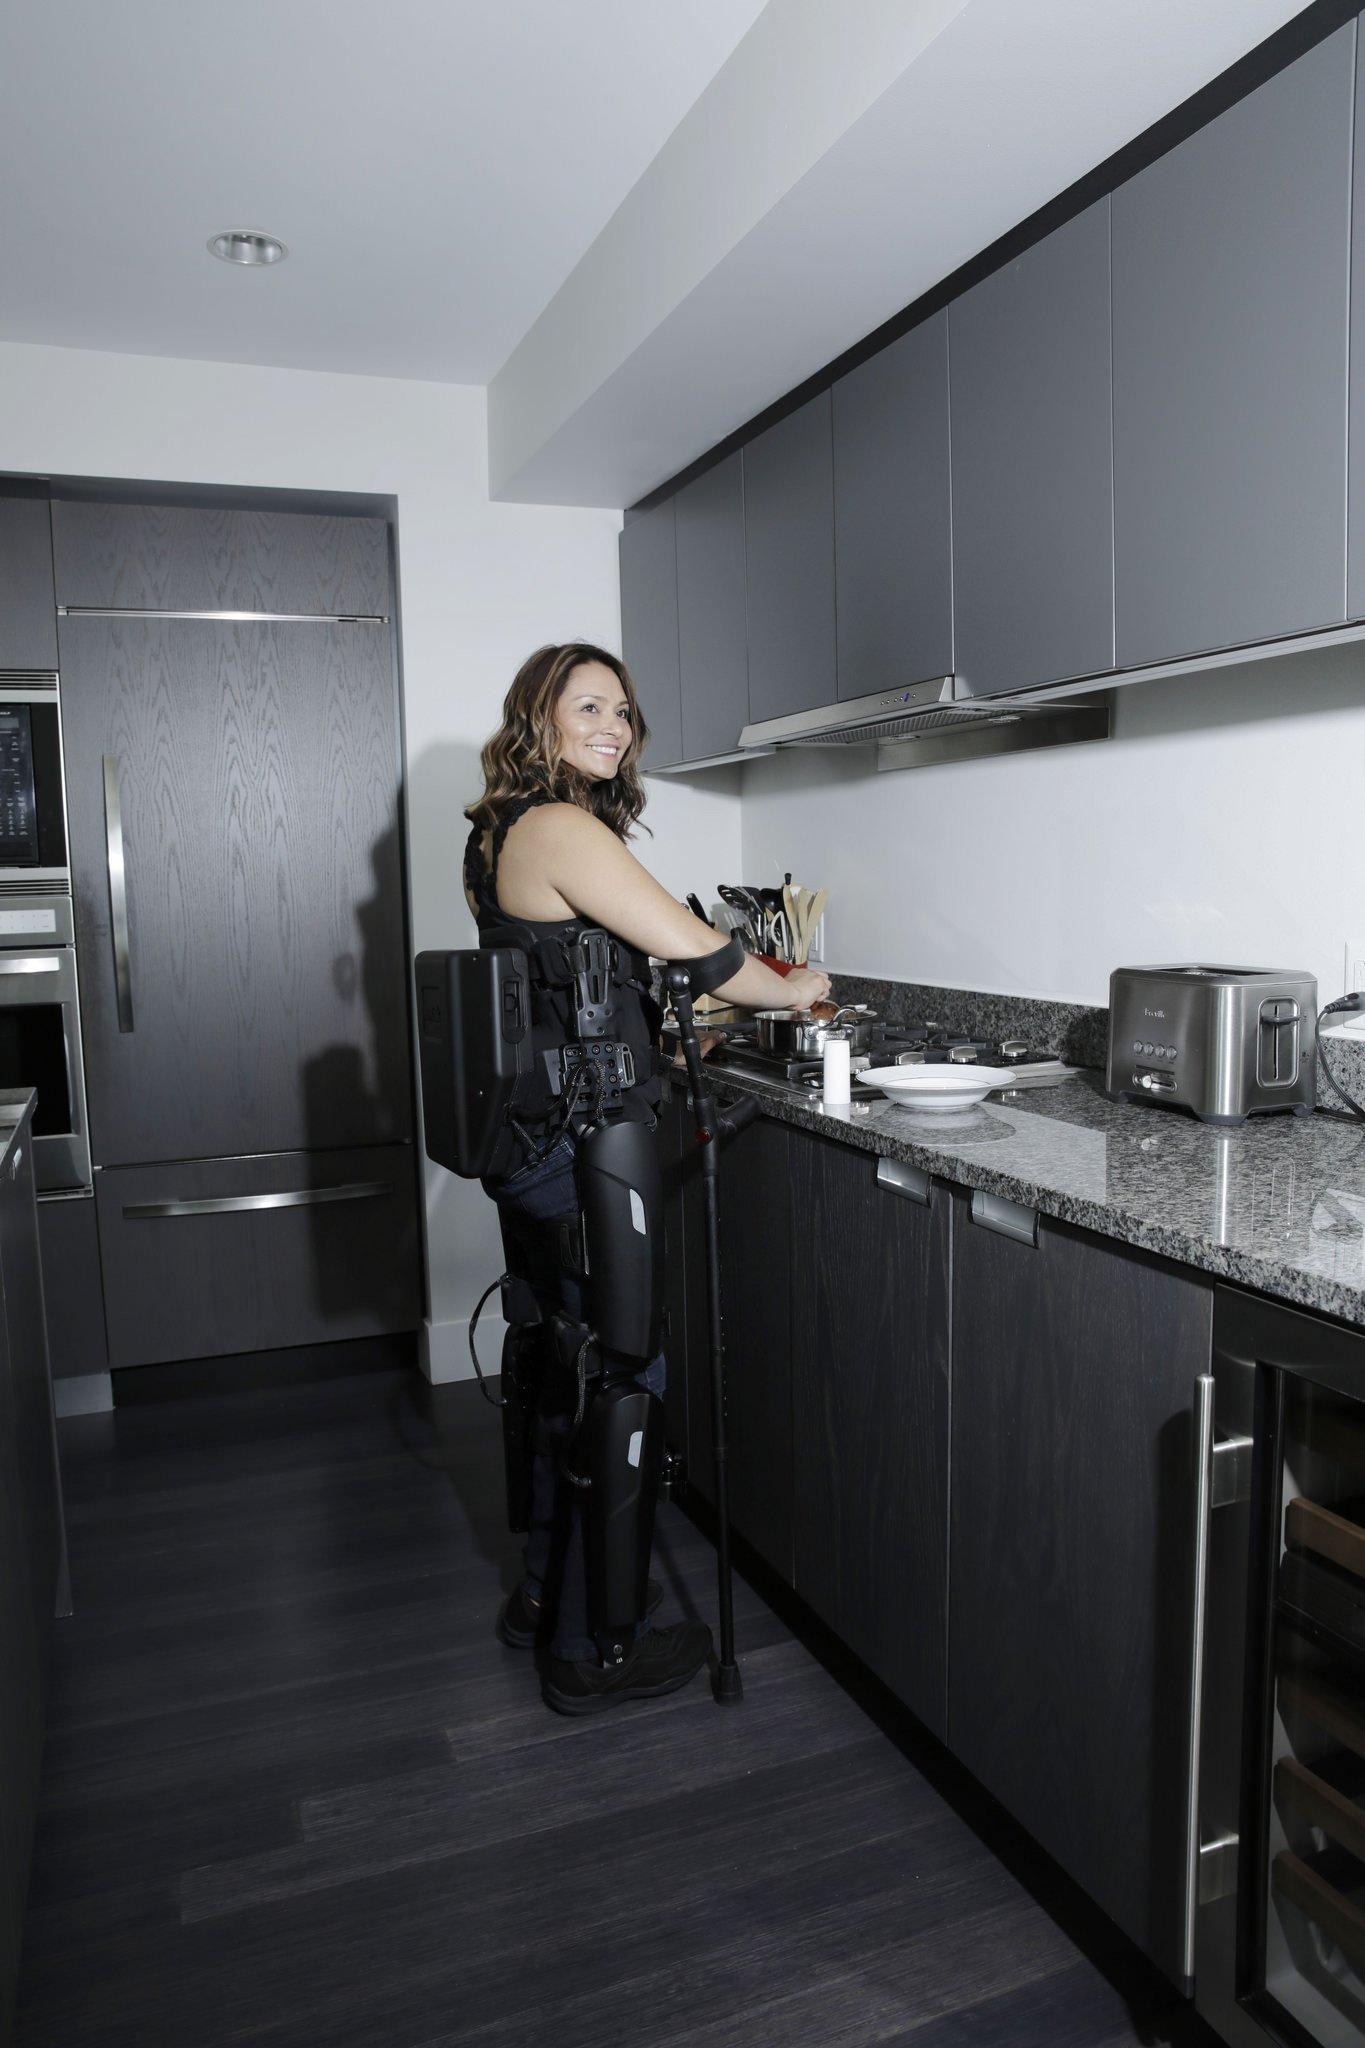 Mit einem medizinischen Exoskelett können Querschnittgelähmte stehend Arbeiten verrichten. Die Kücheneinrichtung muss dann nicht behindertengerecht umgebaut werden.